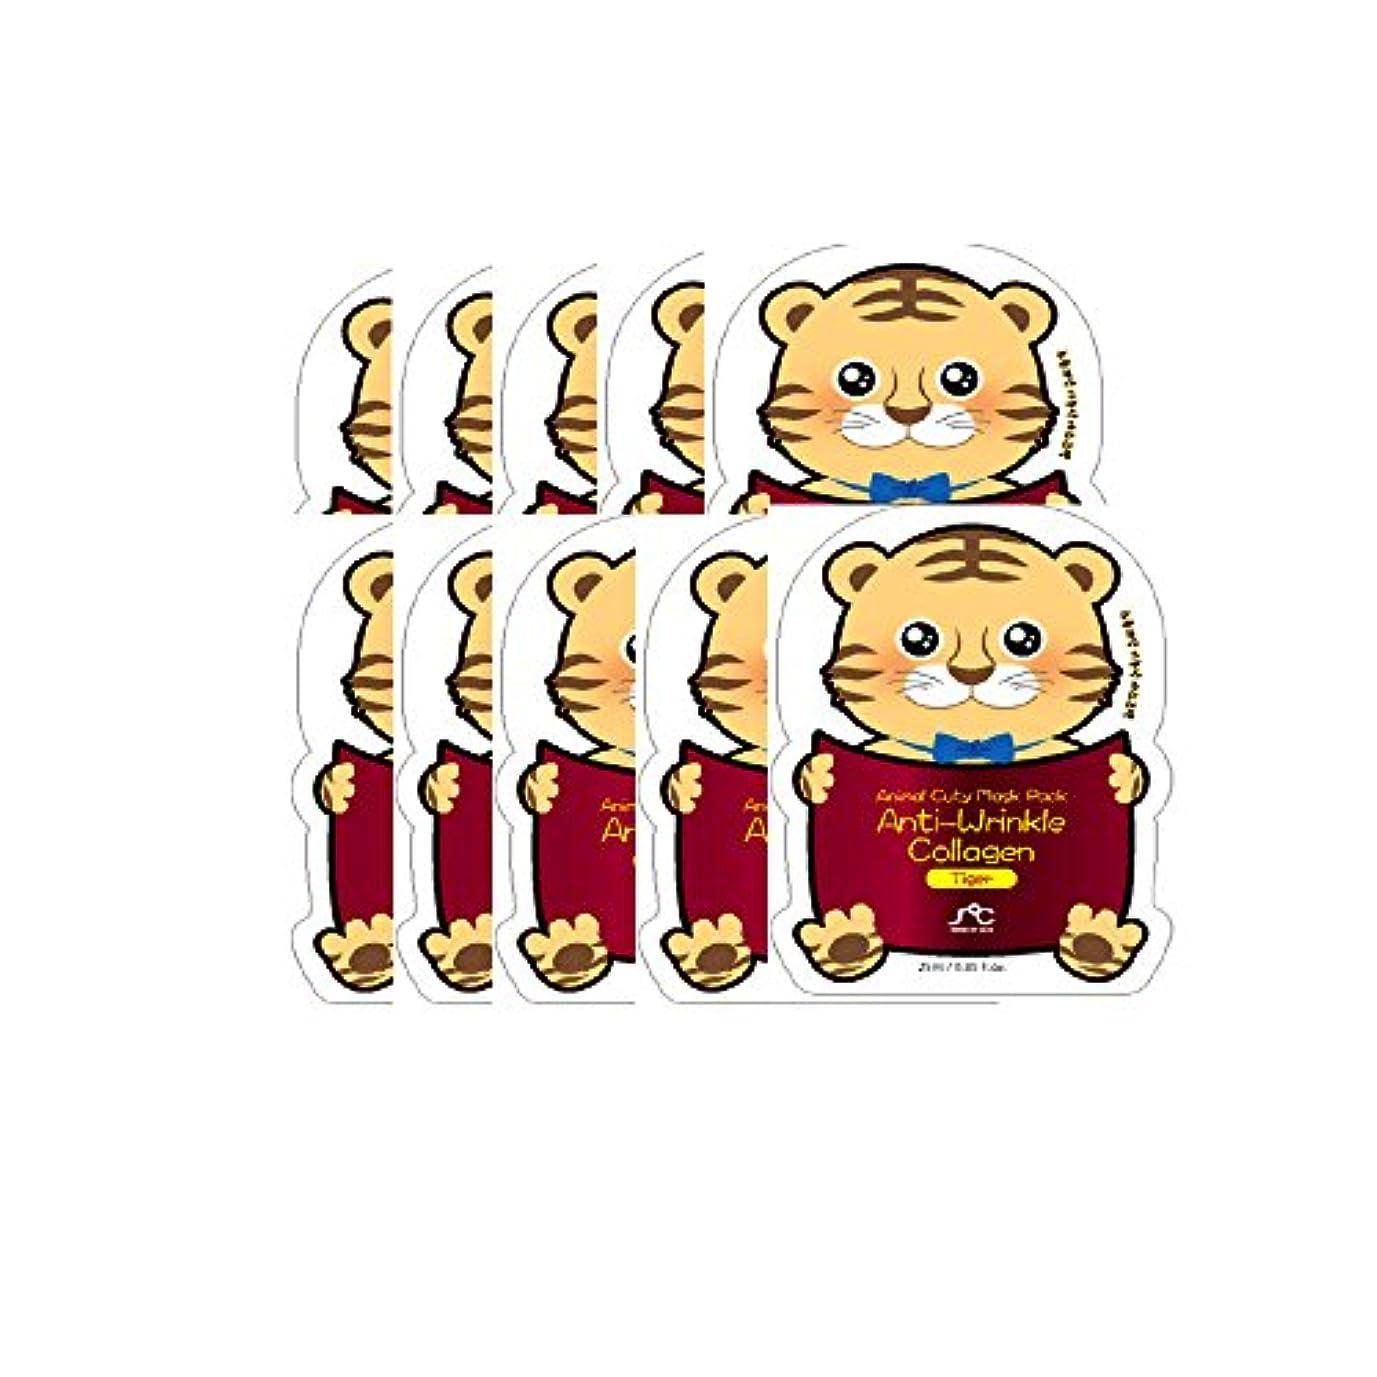 グリップティッシュマーベルAsamo 動物キューティーマスクパックアンチリンクルコラーゲンタイガー(10枚)